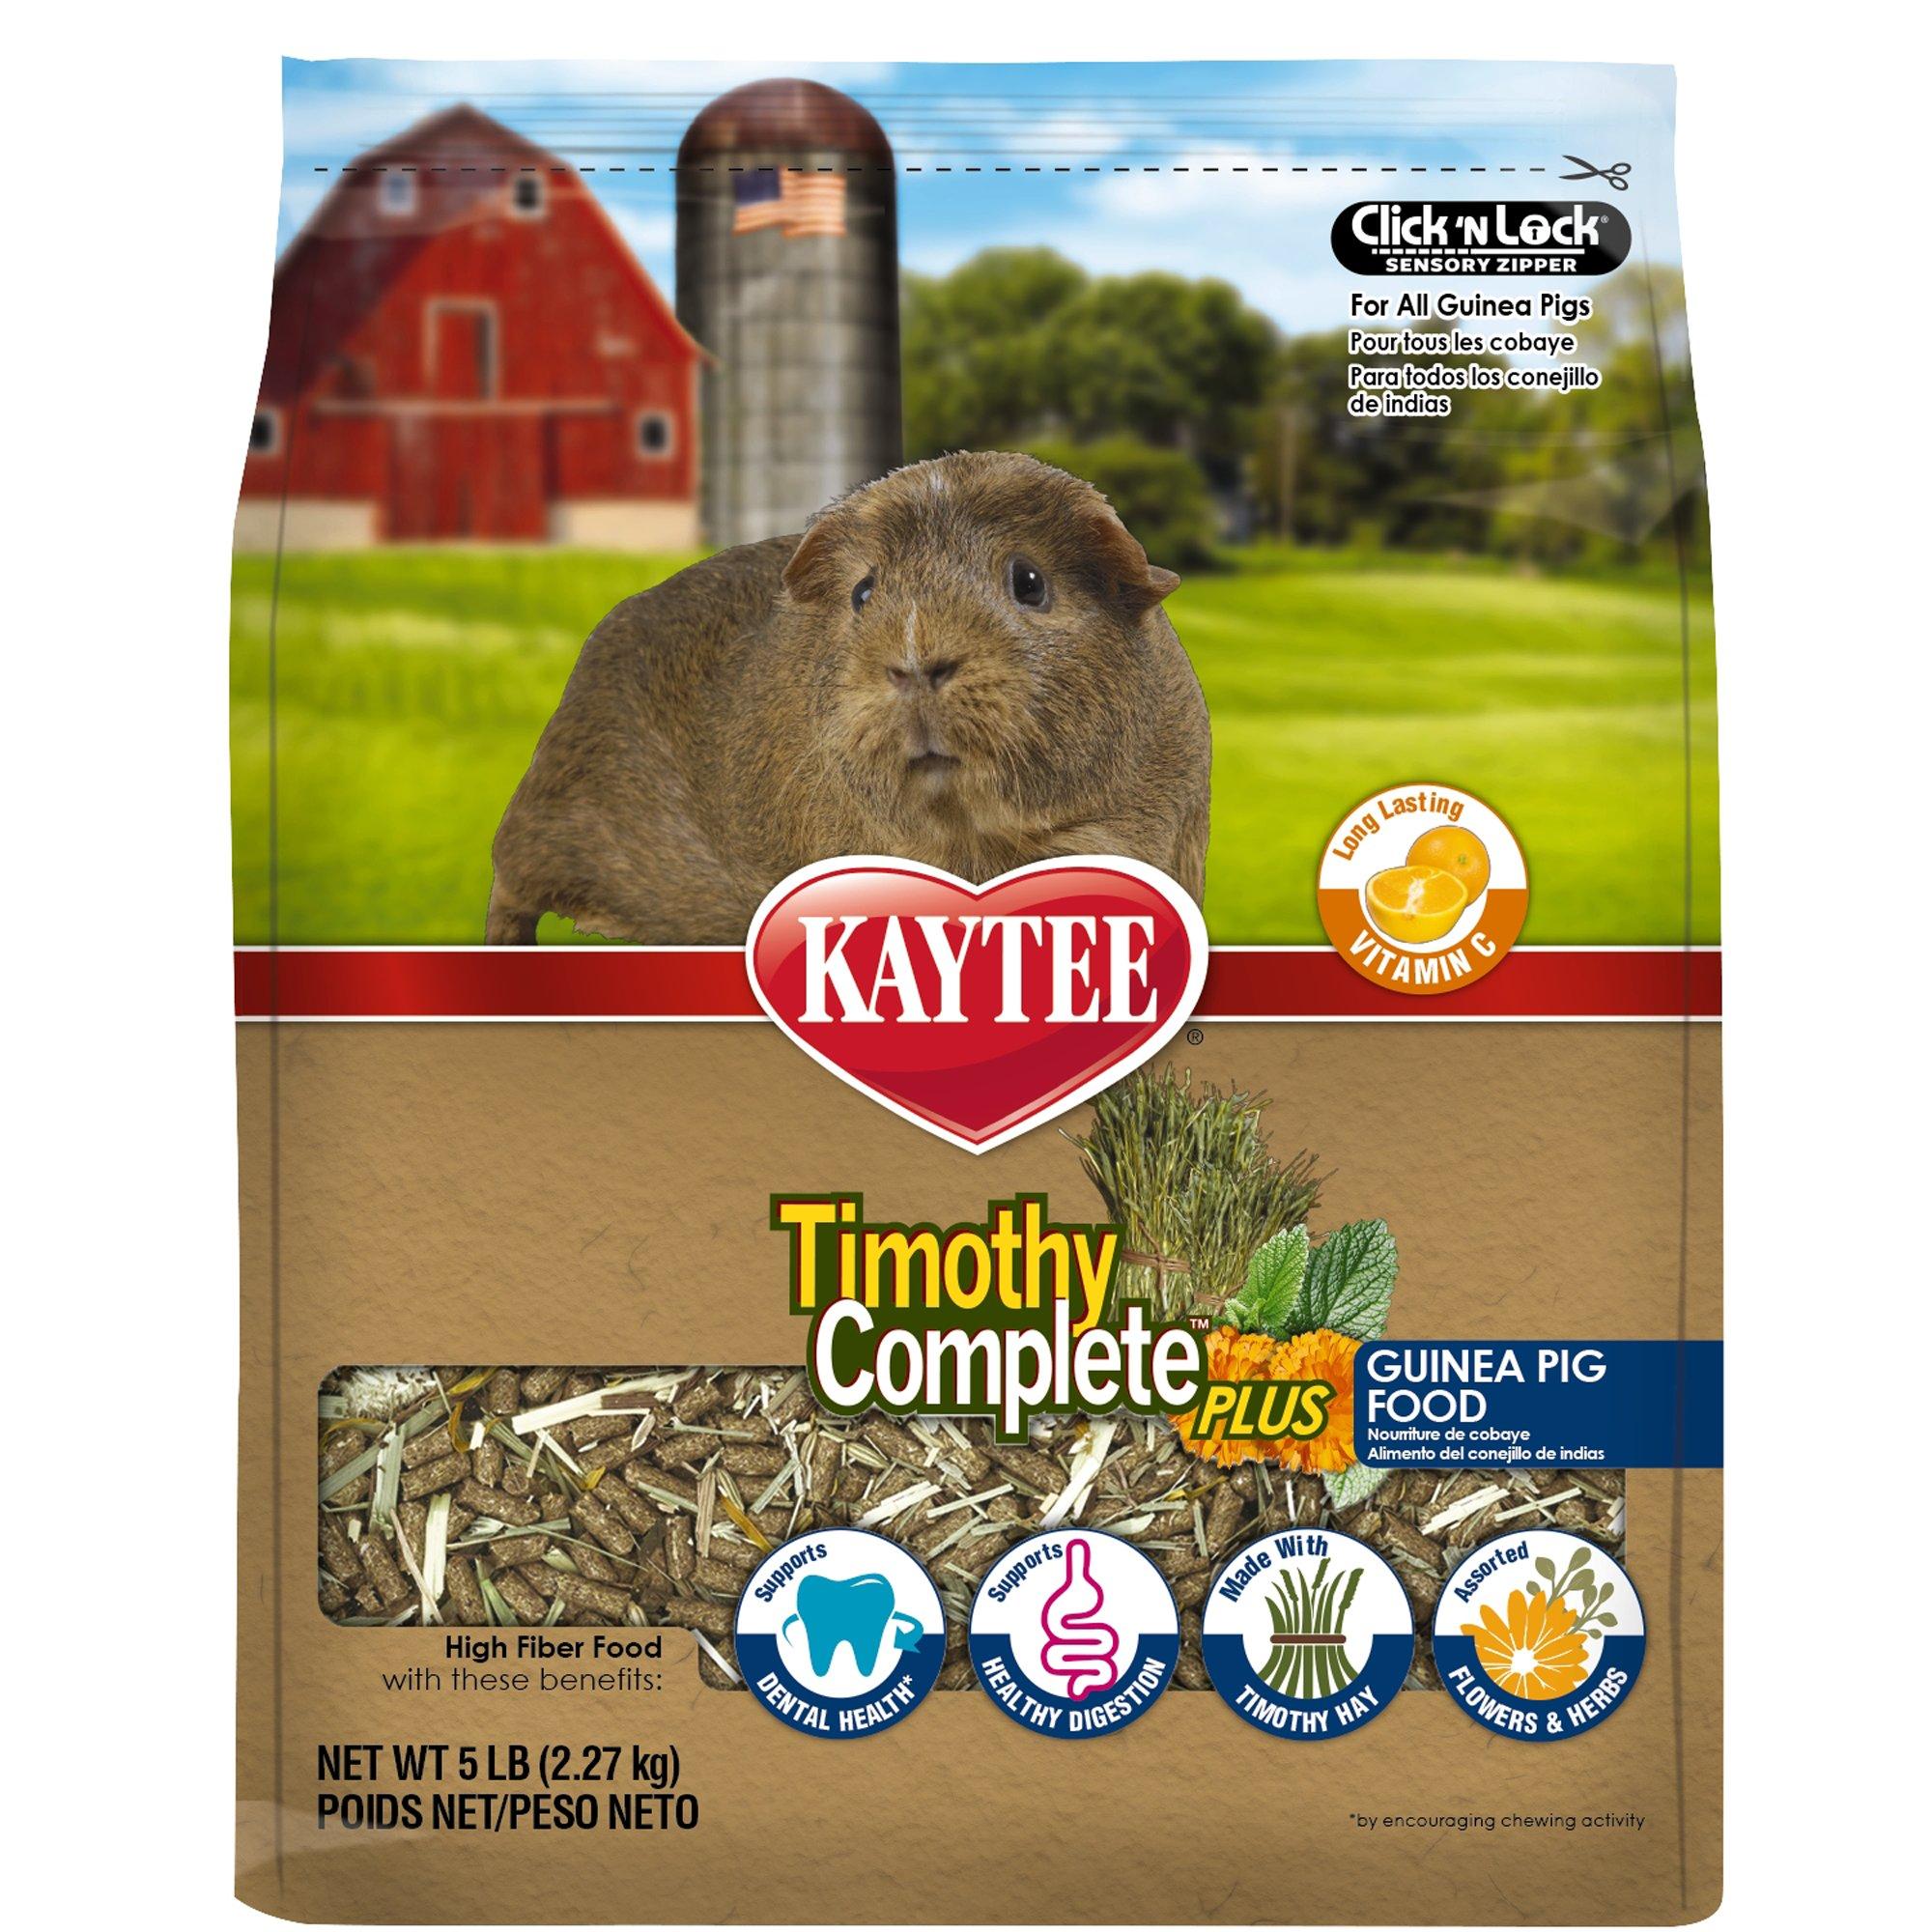 Kaytee Timothy Complete Plus Flowers & Herbs Guinea Pig Food